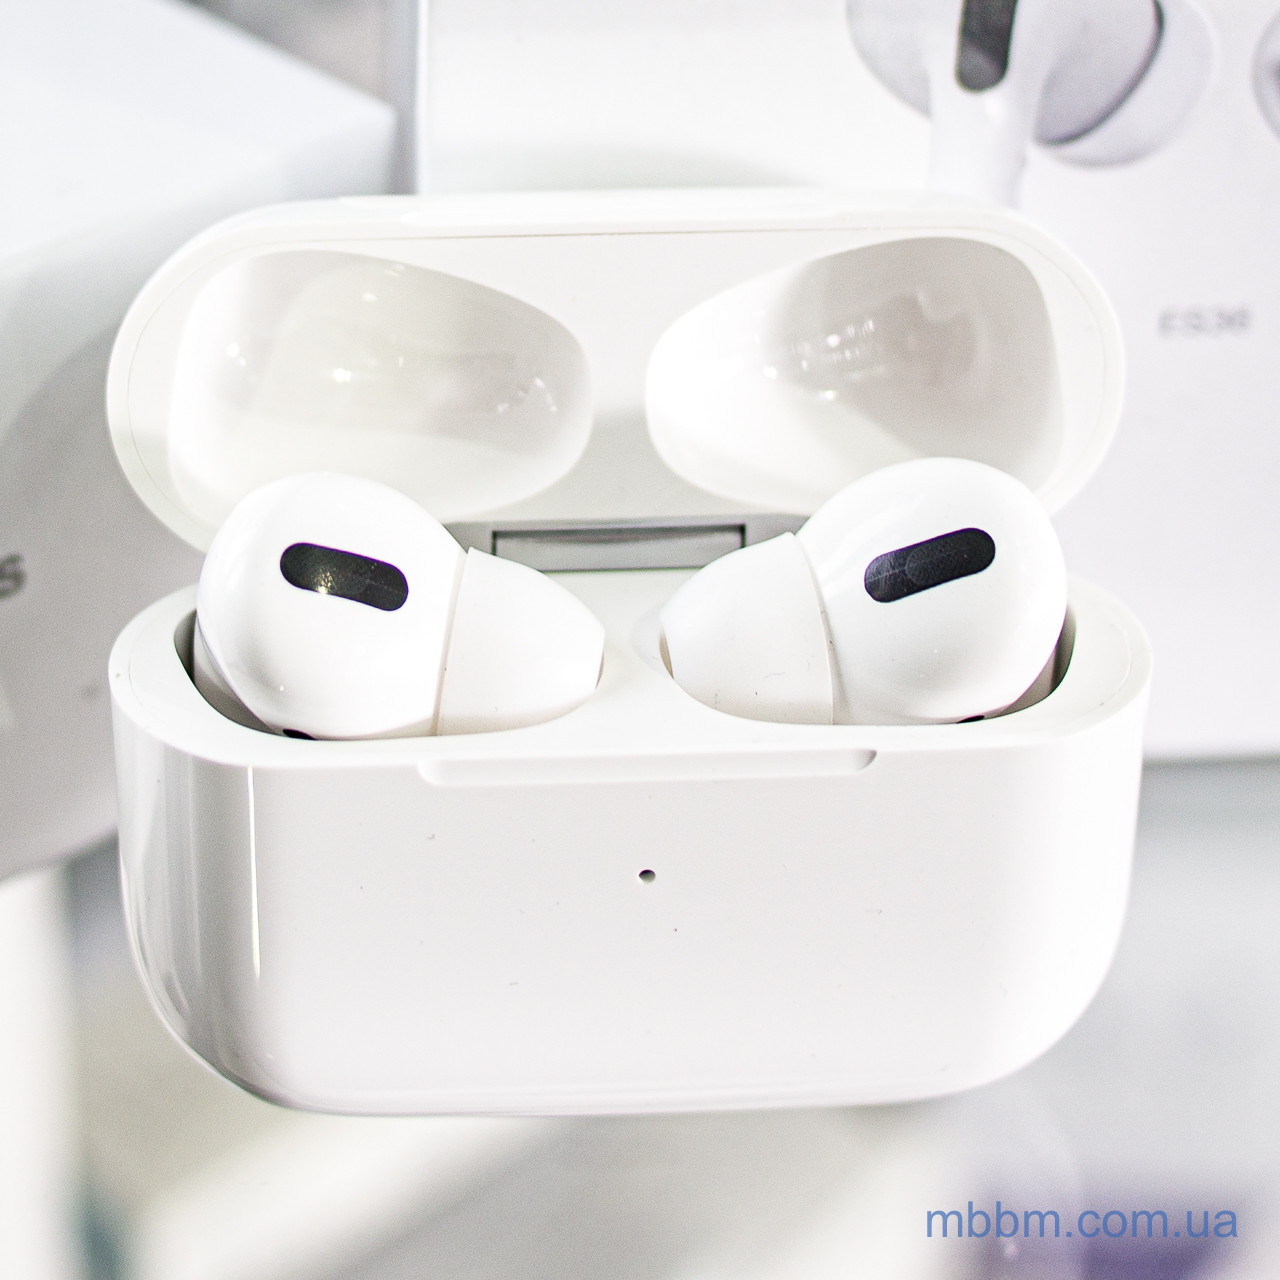 Беспроводные наушники Bluetooth hoco. ES36 Original +Чехол в подарок!